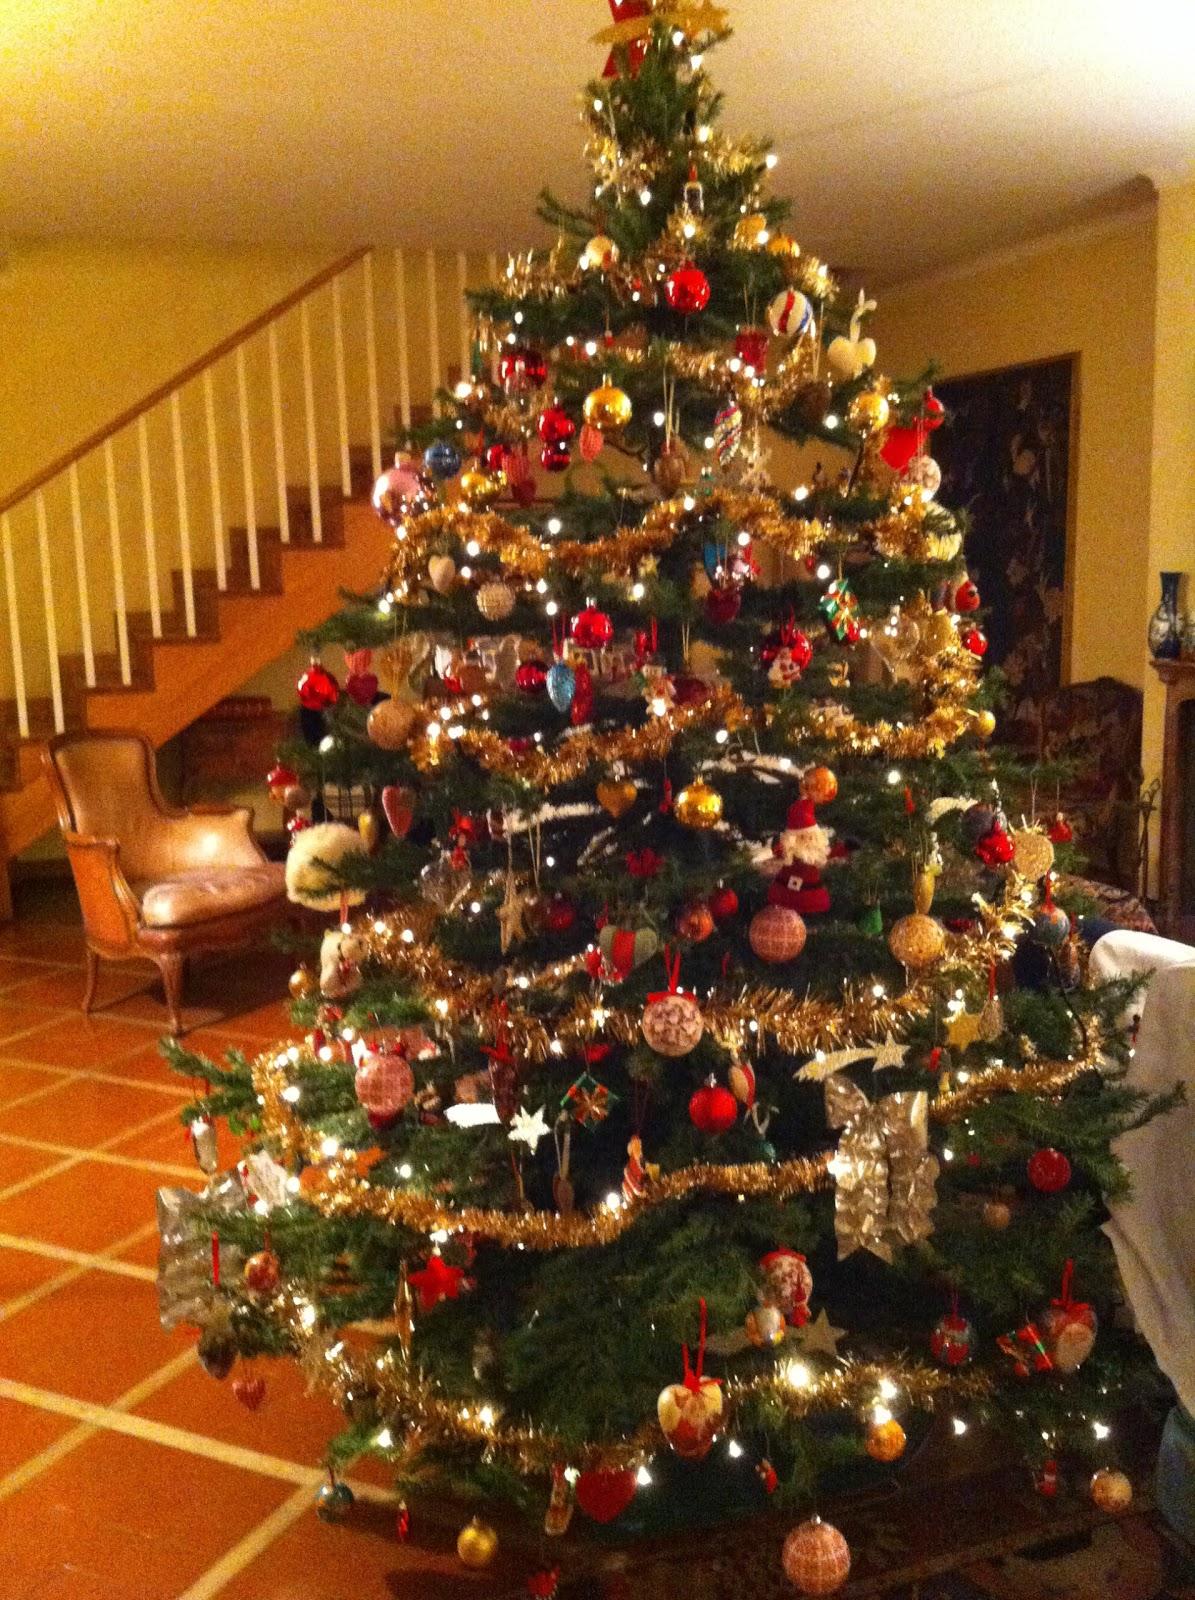 Alberi Di Natale Bellissimi Immagini.Foto Alberi Di Natale Bellissimi